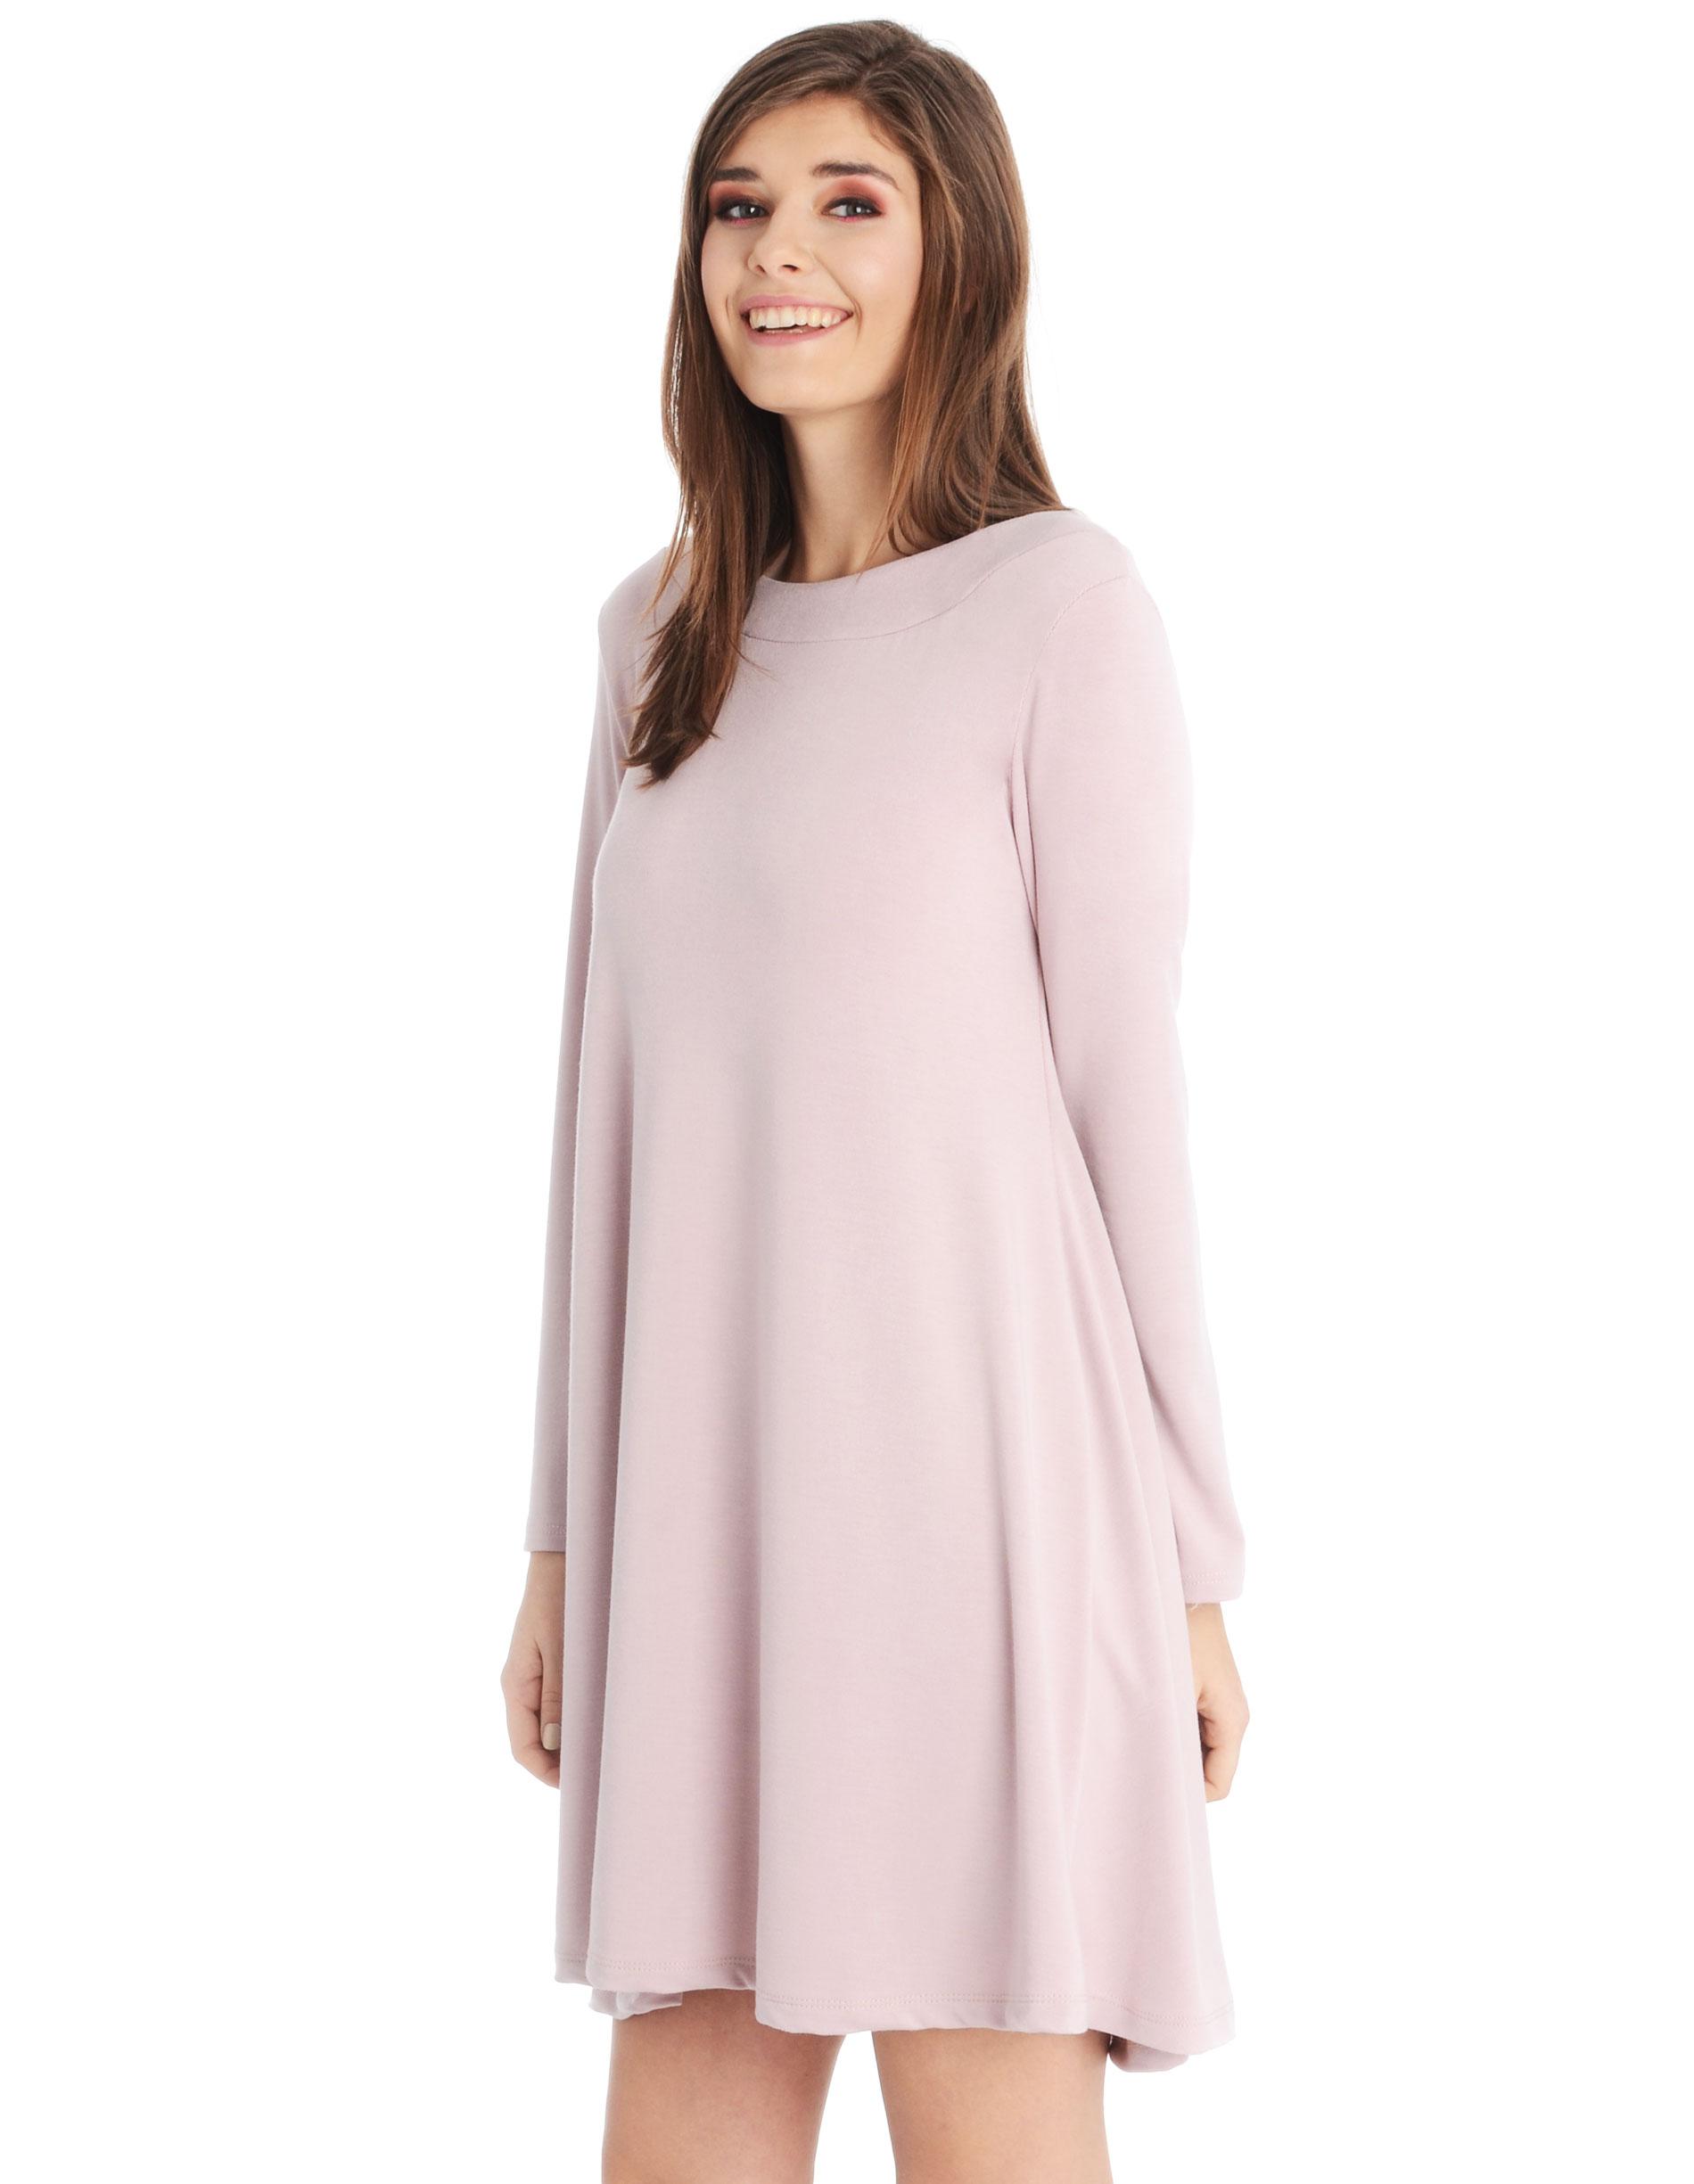 Sukienka - 62-3037 ROSA - Unisono